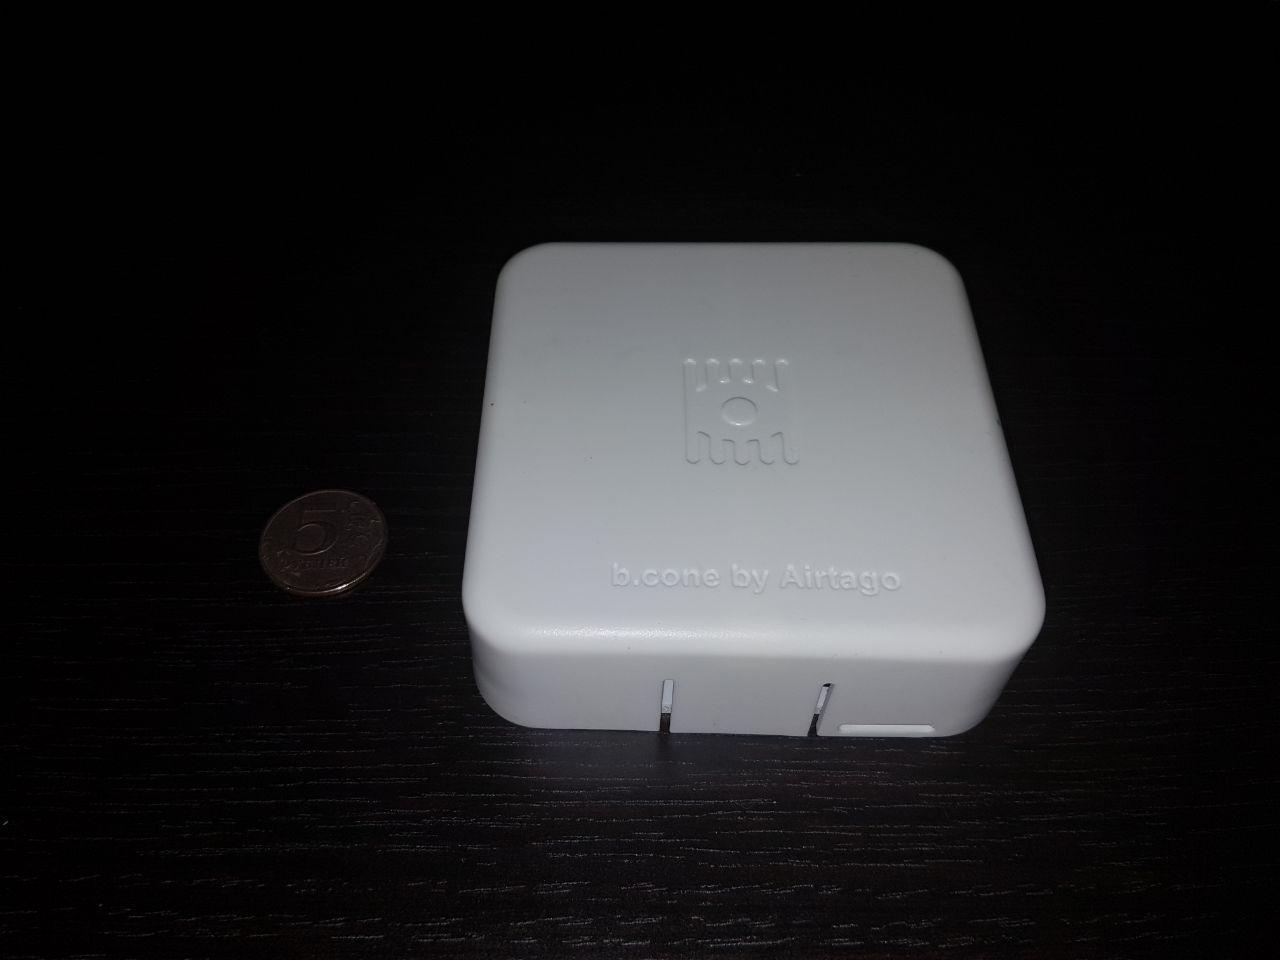 Направленный Bluetooth-маяк (iBeacon) и полный мобильный факап - 4